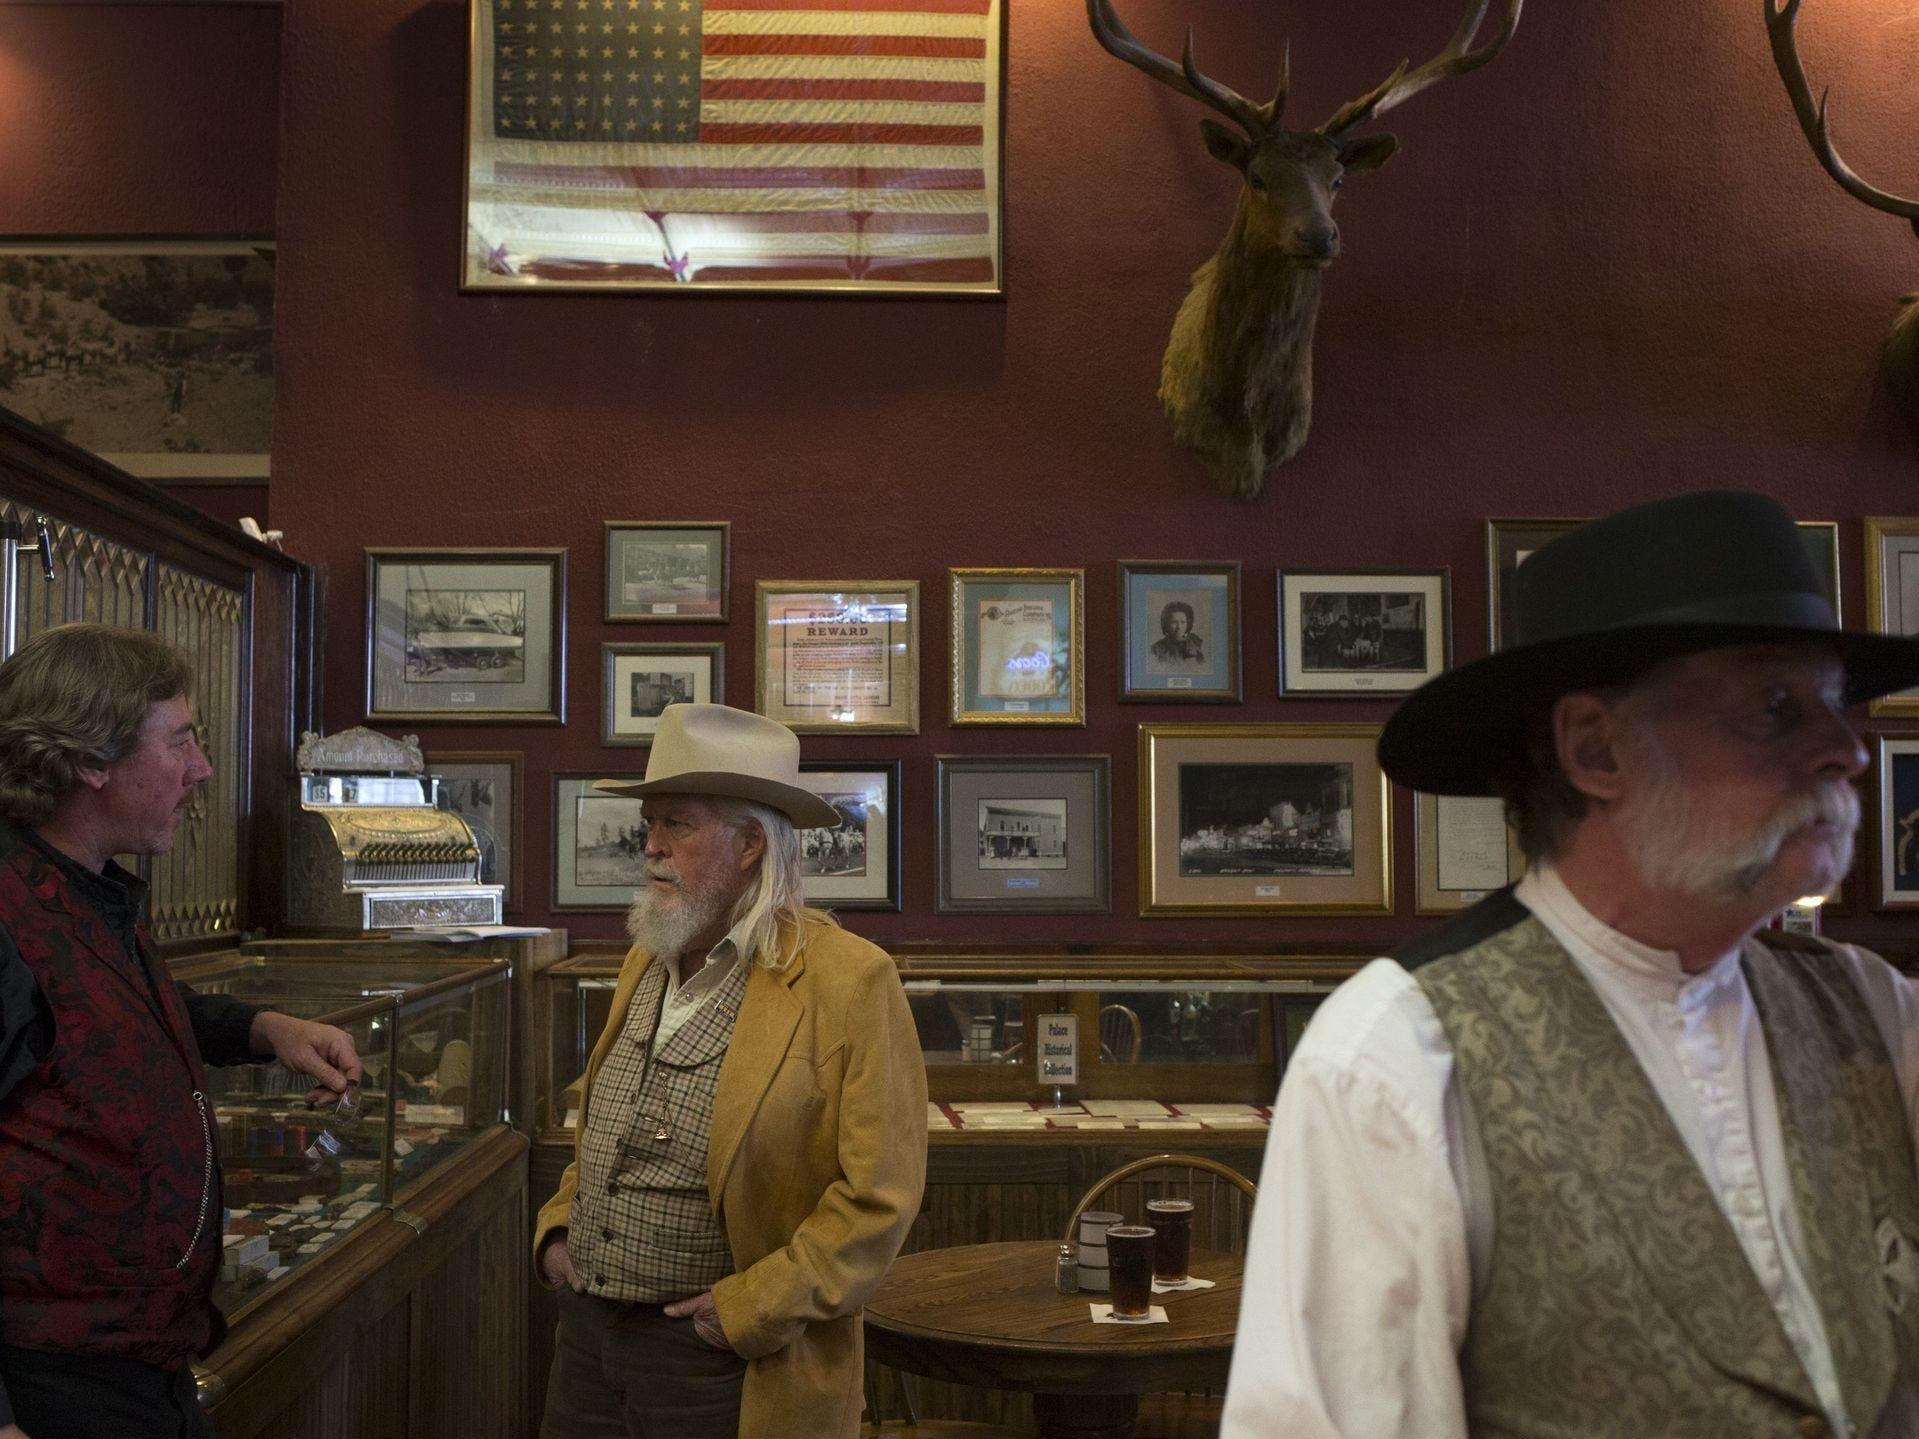 Scott Stanford (izq), gerente general, habla con Bob Anderson (centro), el 6 de noviembre de 2017, en el Palace Saloon y el Restaurante 120 S. Montezuma Street, Prescott, Arizona